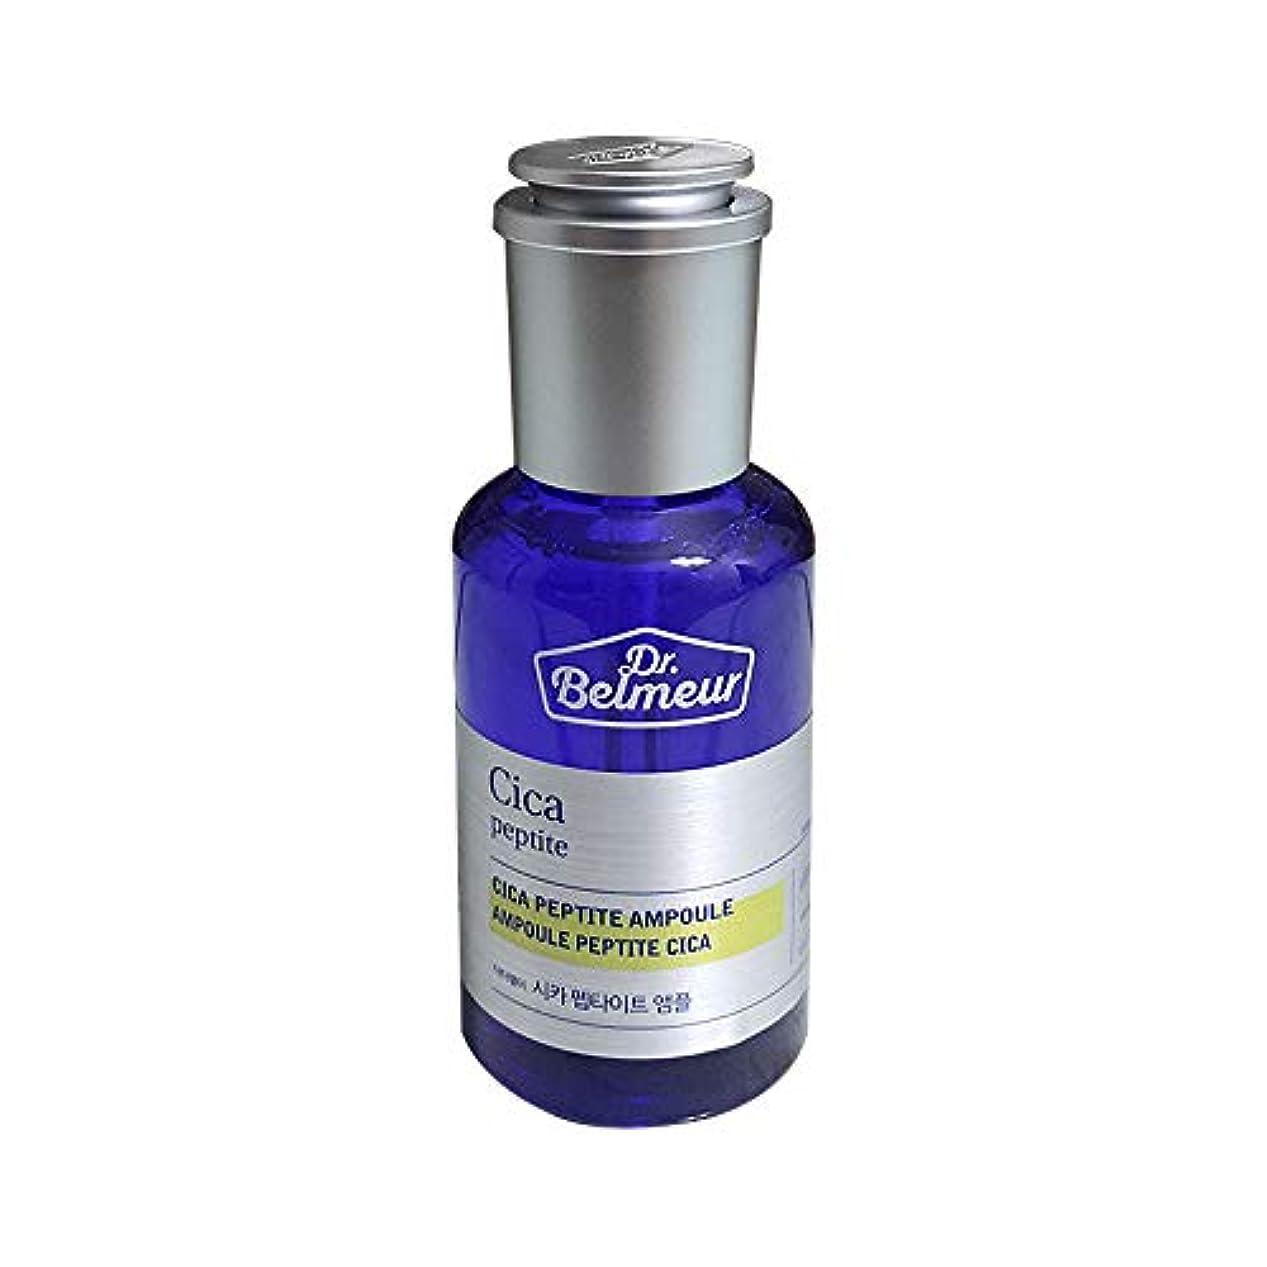 シングル批判的にくぼみ[ザ?フェイスショップ]The Face Shopドクターベルメールシカペプタイトアンプル45ml Dr.Belmeur Cica Peptite Ampoule 45ml [海外直送品]